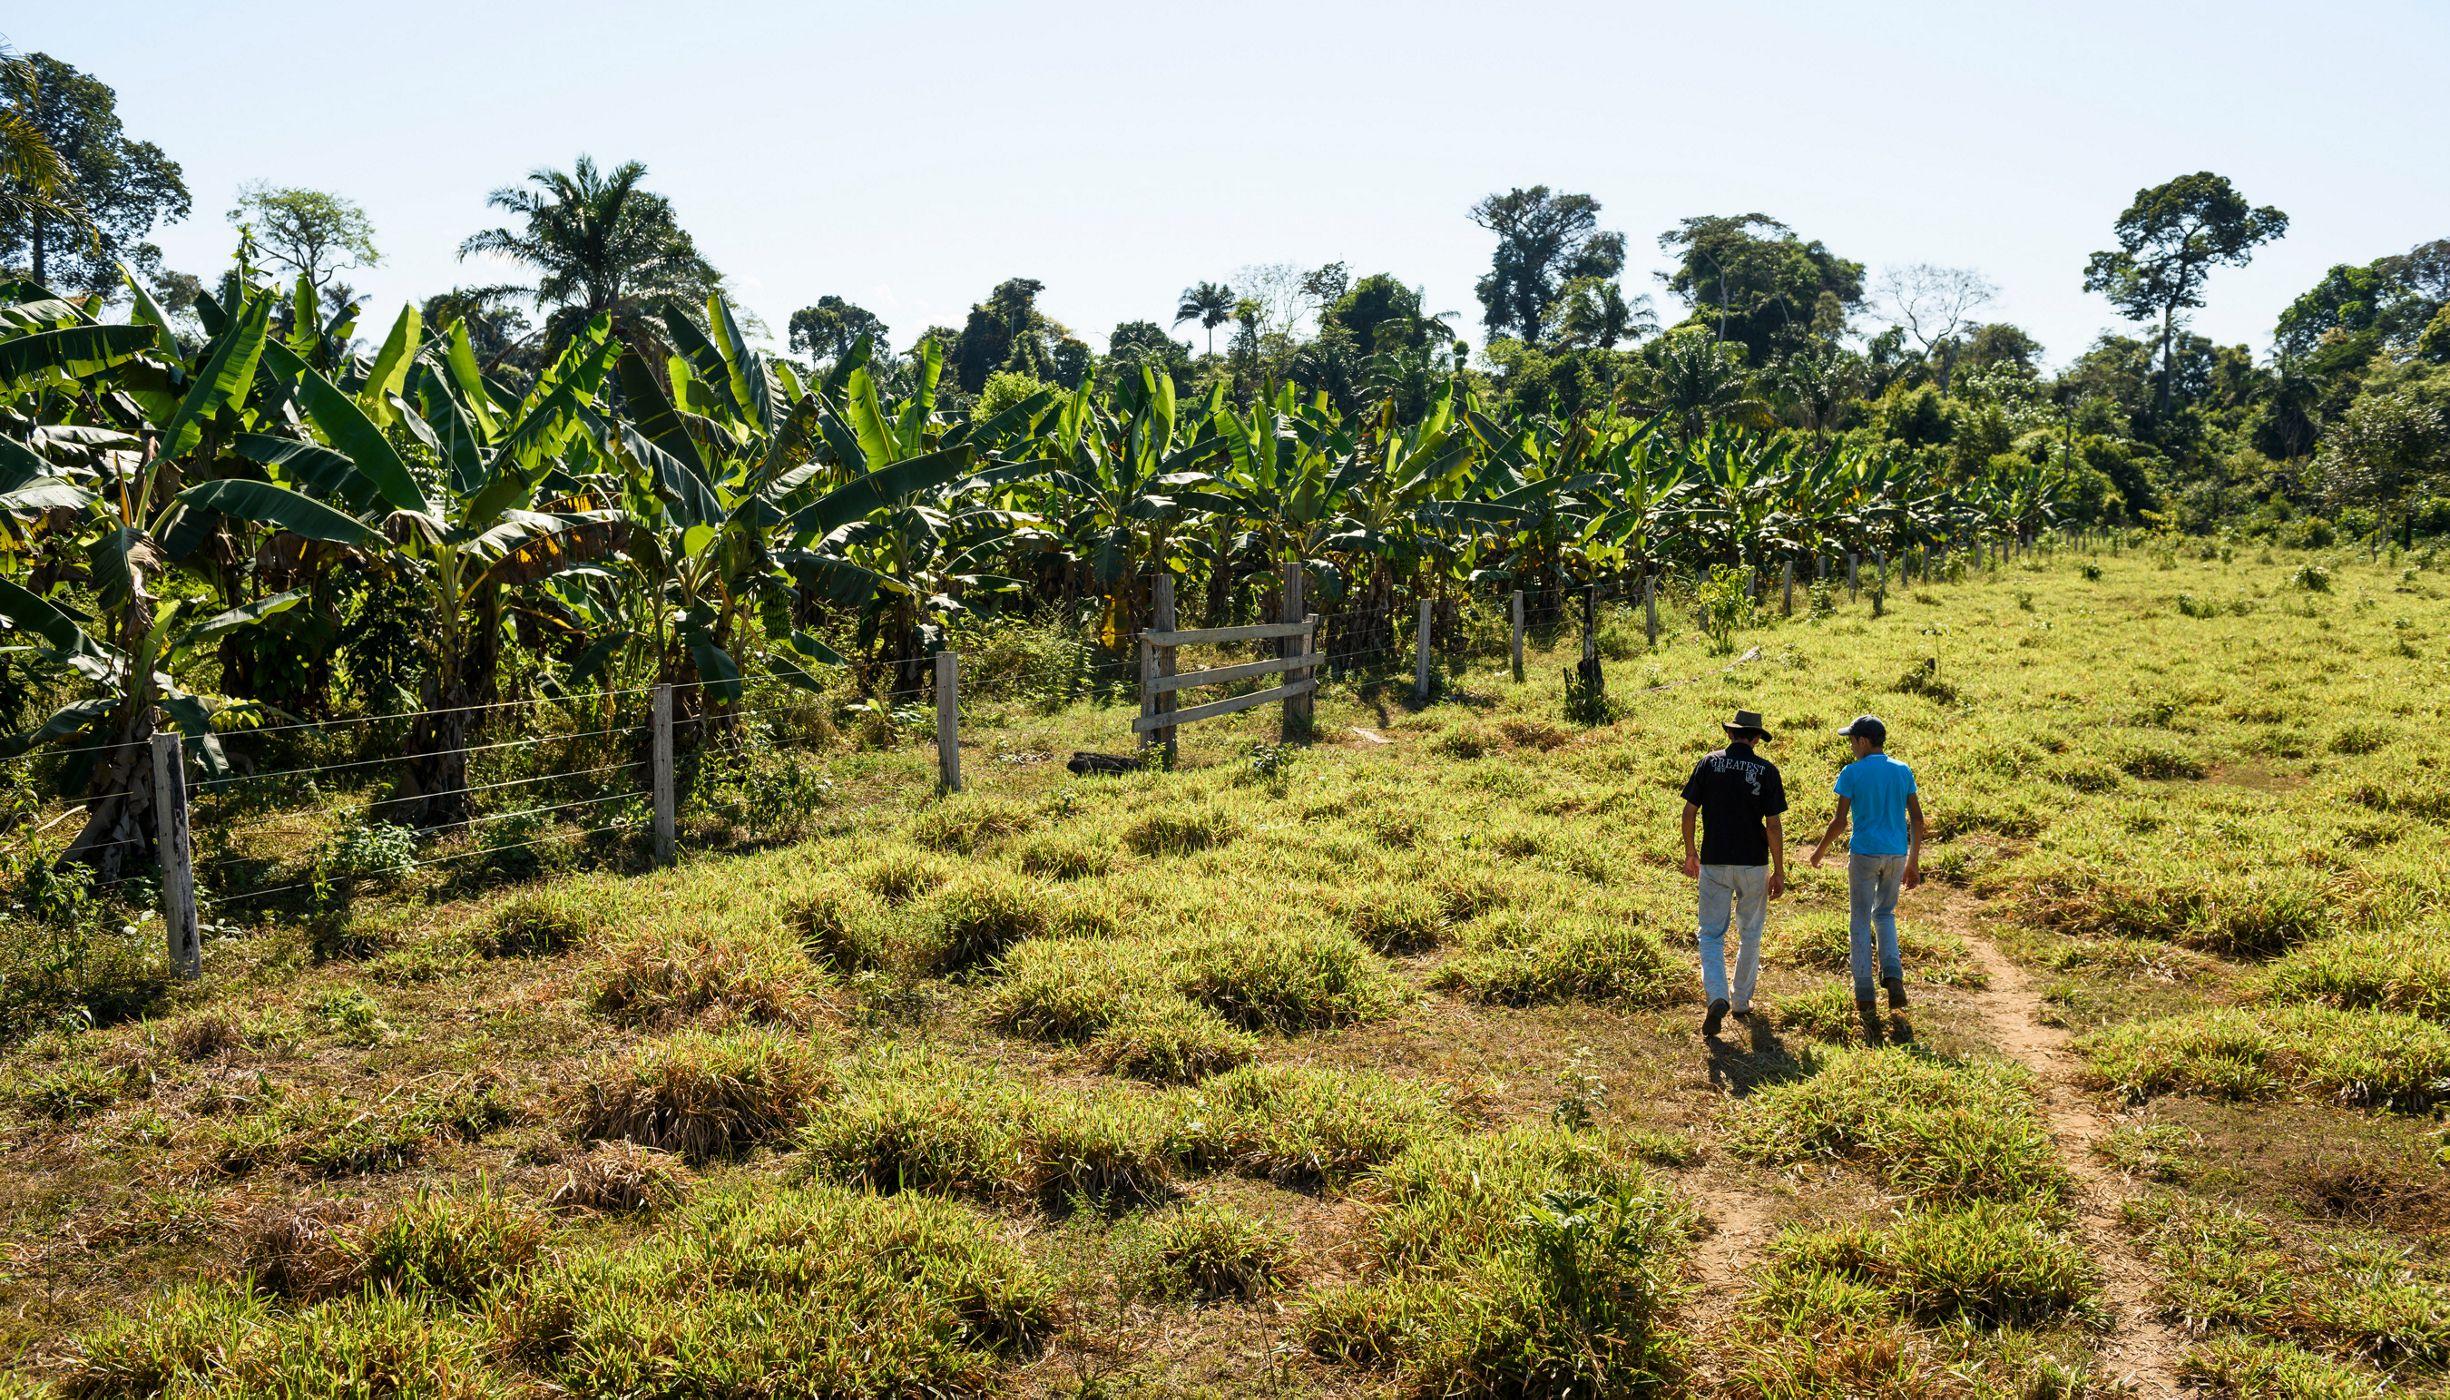 Pequenos produtores na Amazônia